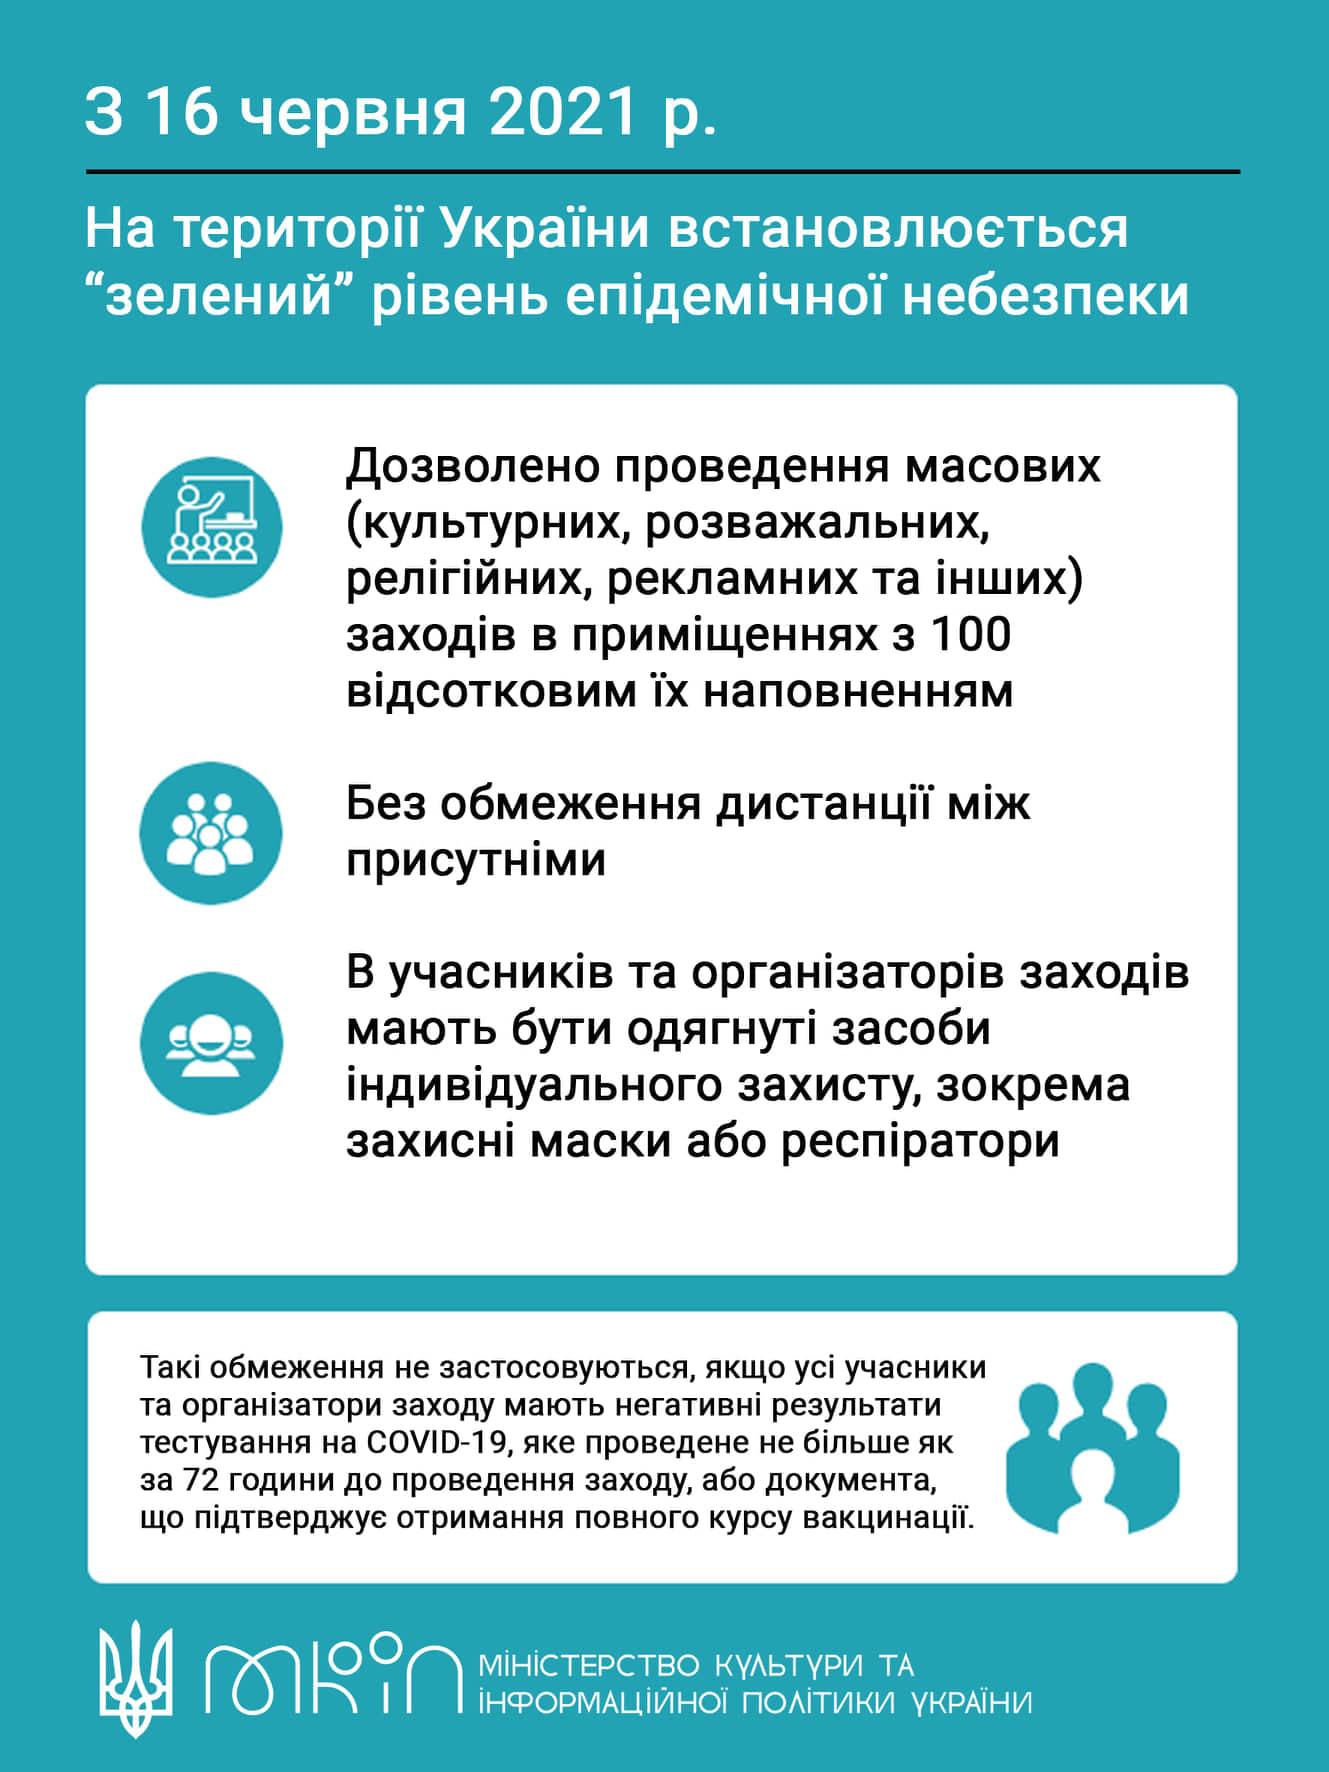 В Україні встановлено «зелений» рівень епідемічної небезпеки